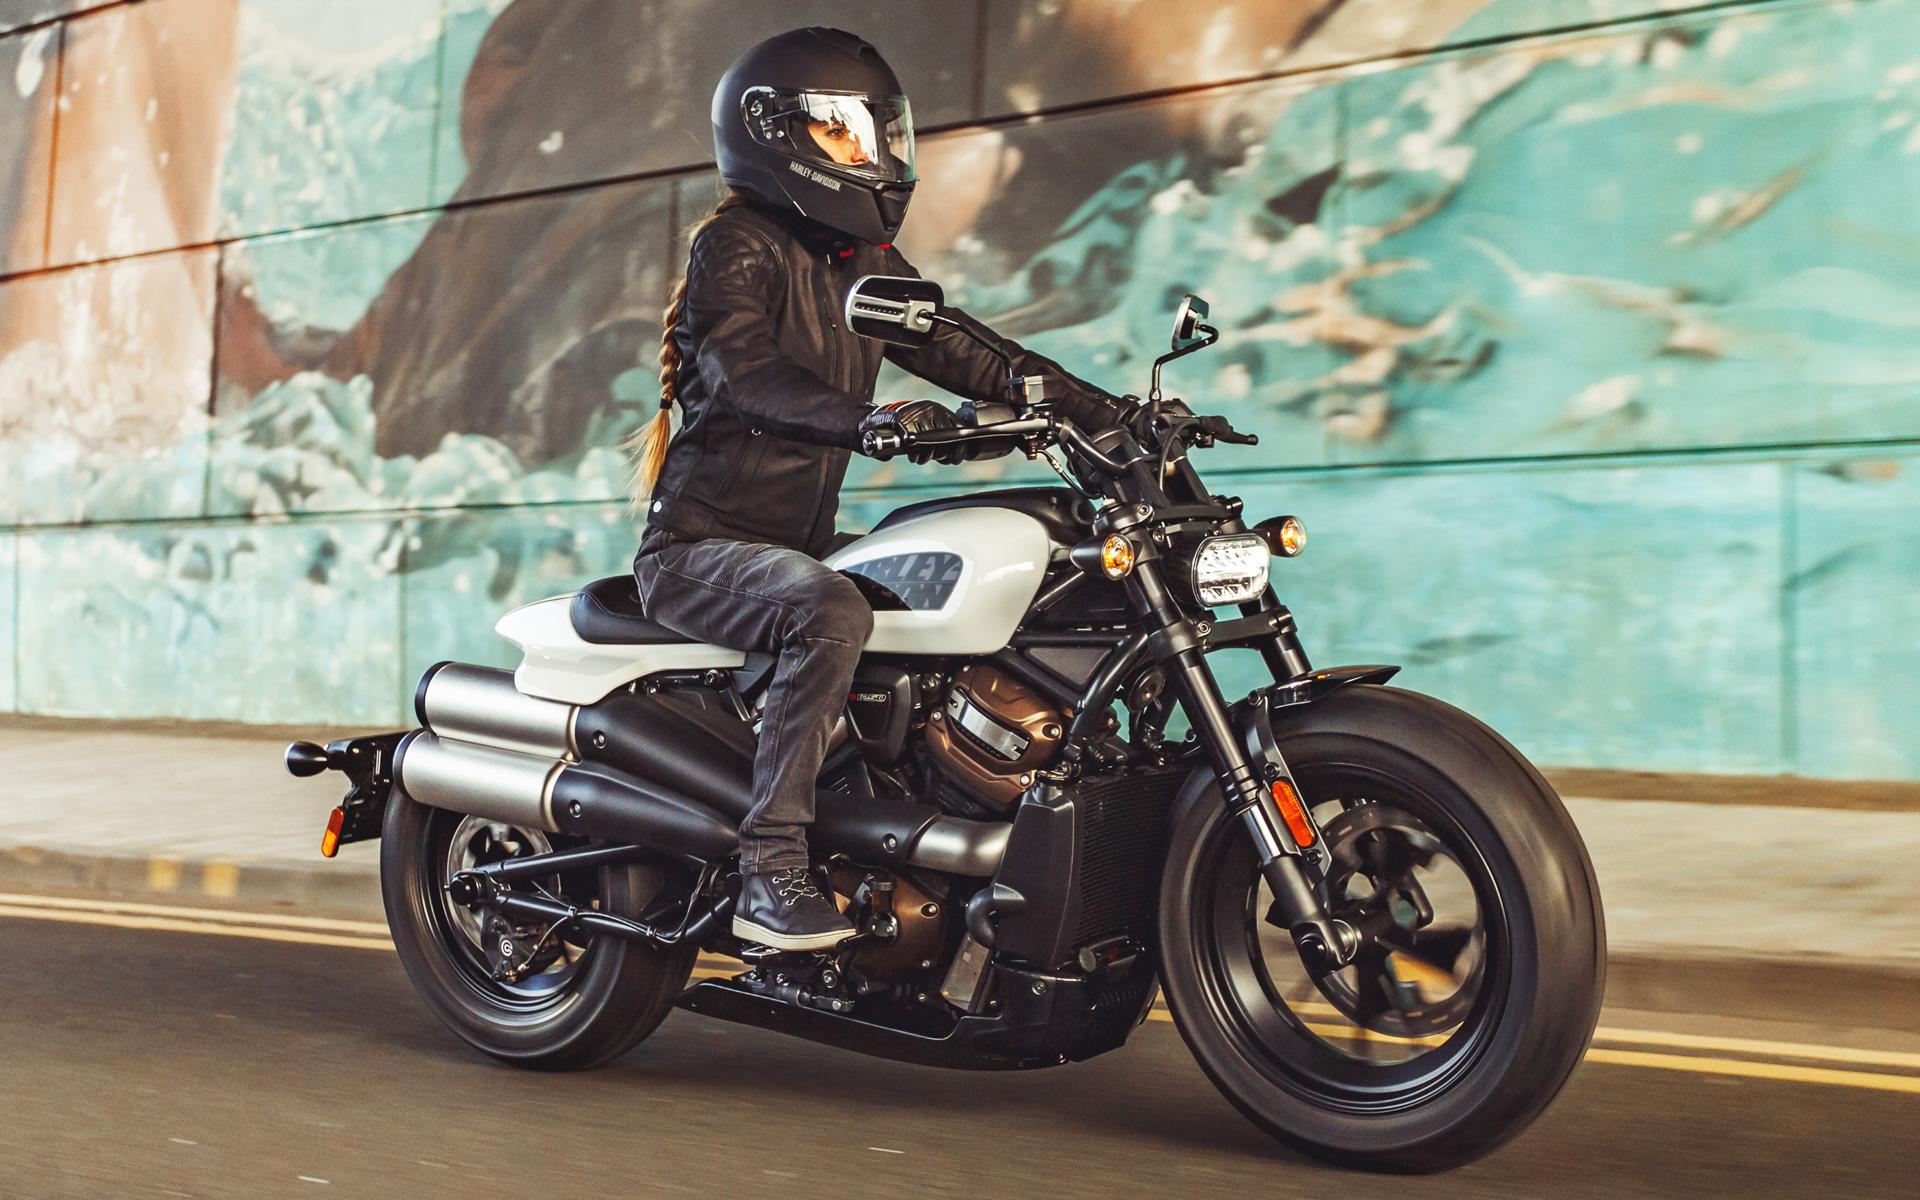 ハーレーダビッドソンがオンラインで公開した新型モデル「スポーツスター S」